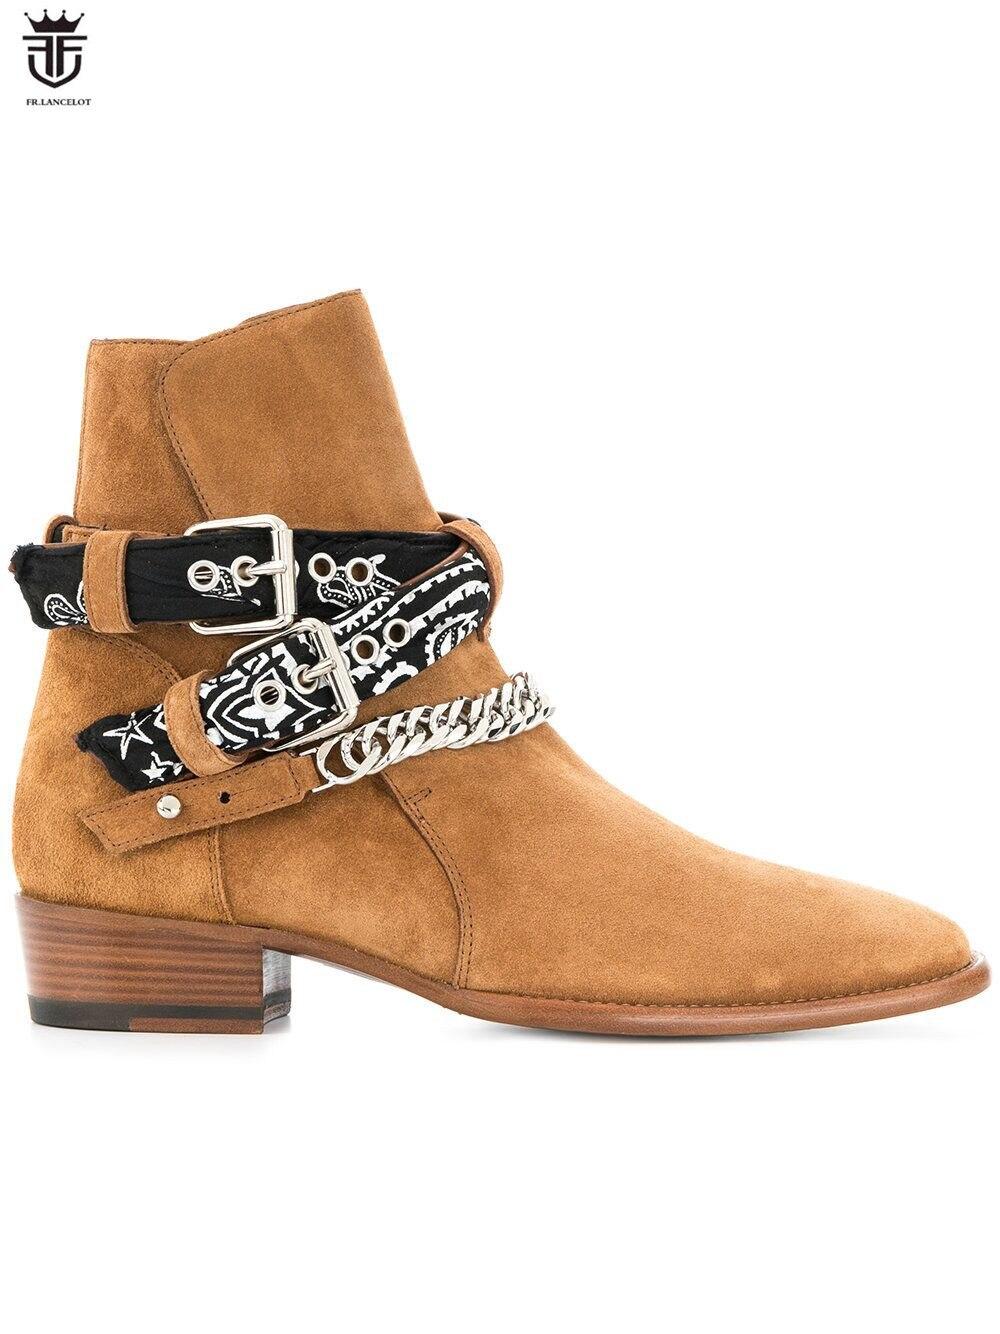 FR. LANCELOT 2019 Chelsea di avvio degli uomini della pelle scamosciata stivali di pelle desigh point toe stivali fibbia alla caviglia di nuovo nastro catene partito stivali da uomo